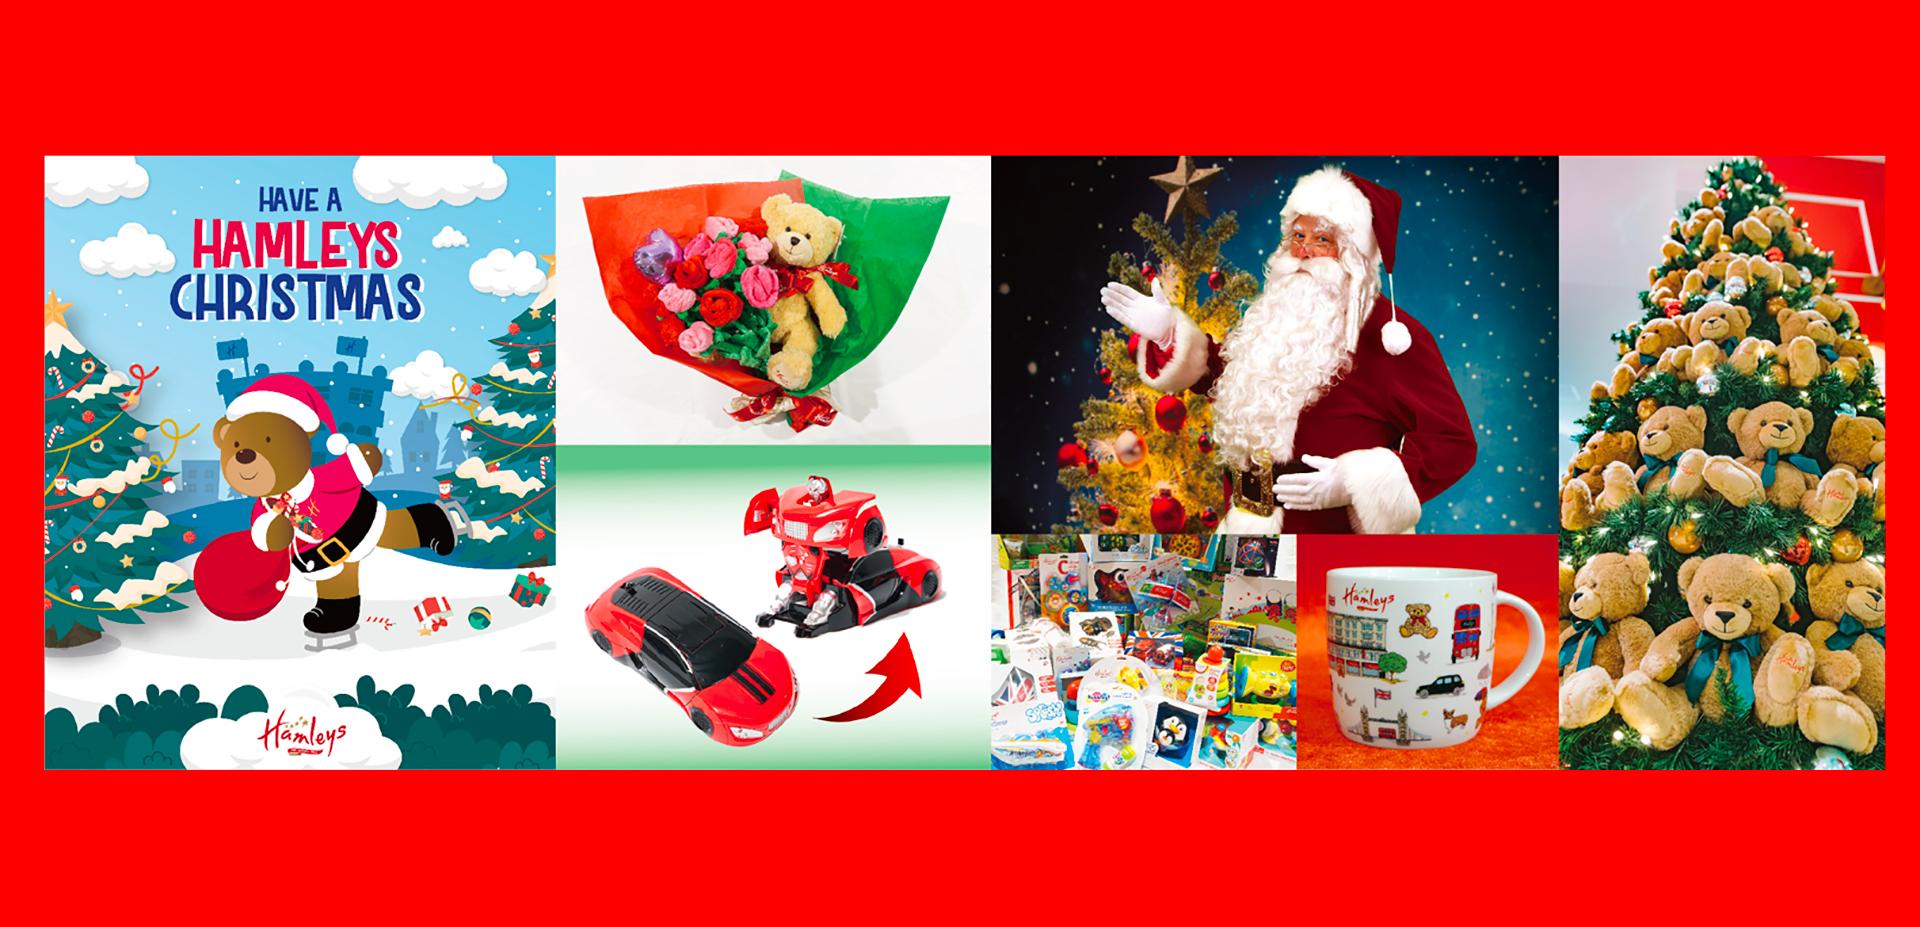 ハムリーズ クリスマス